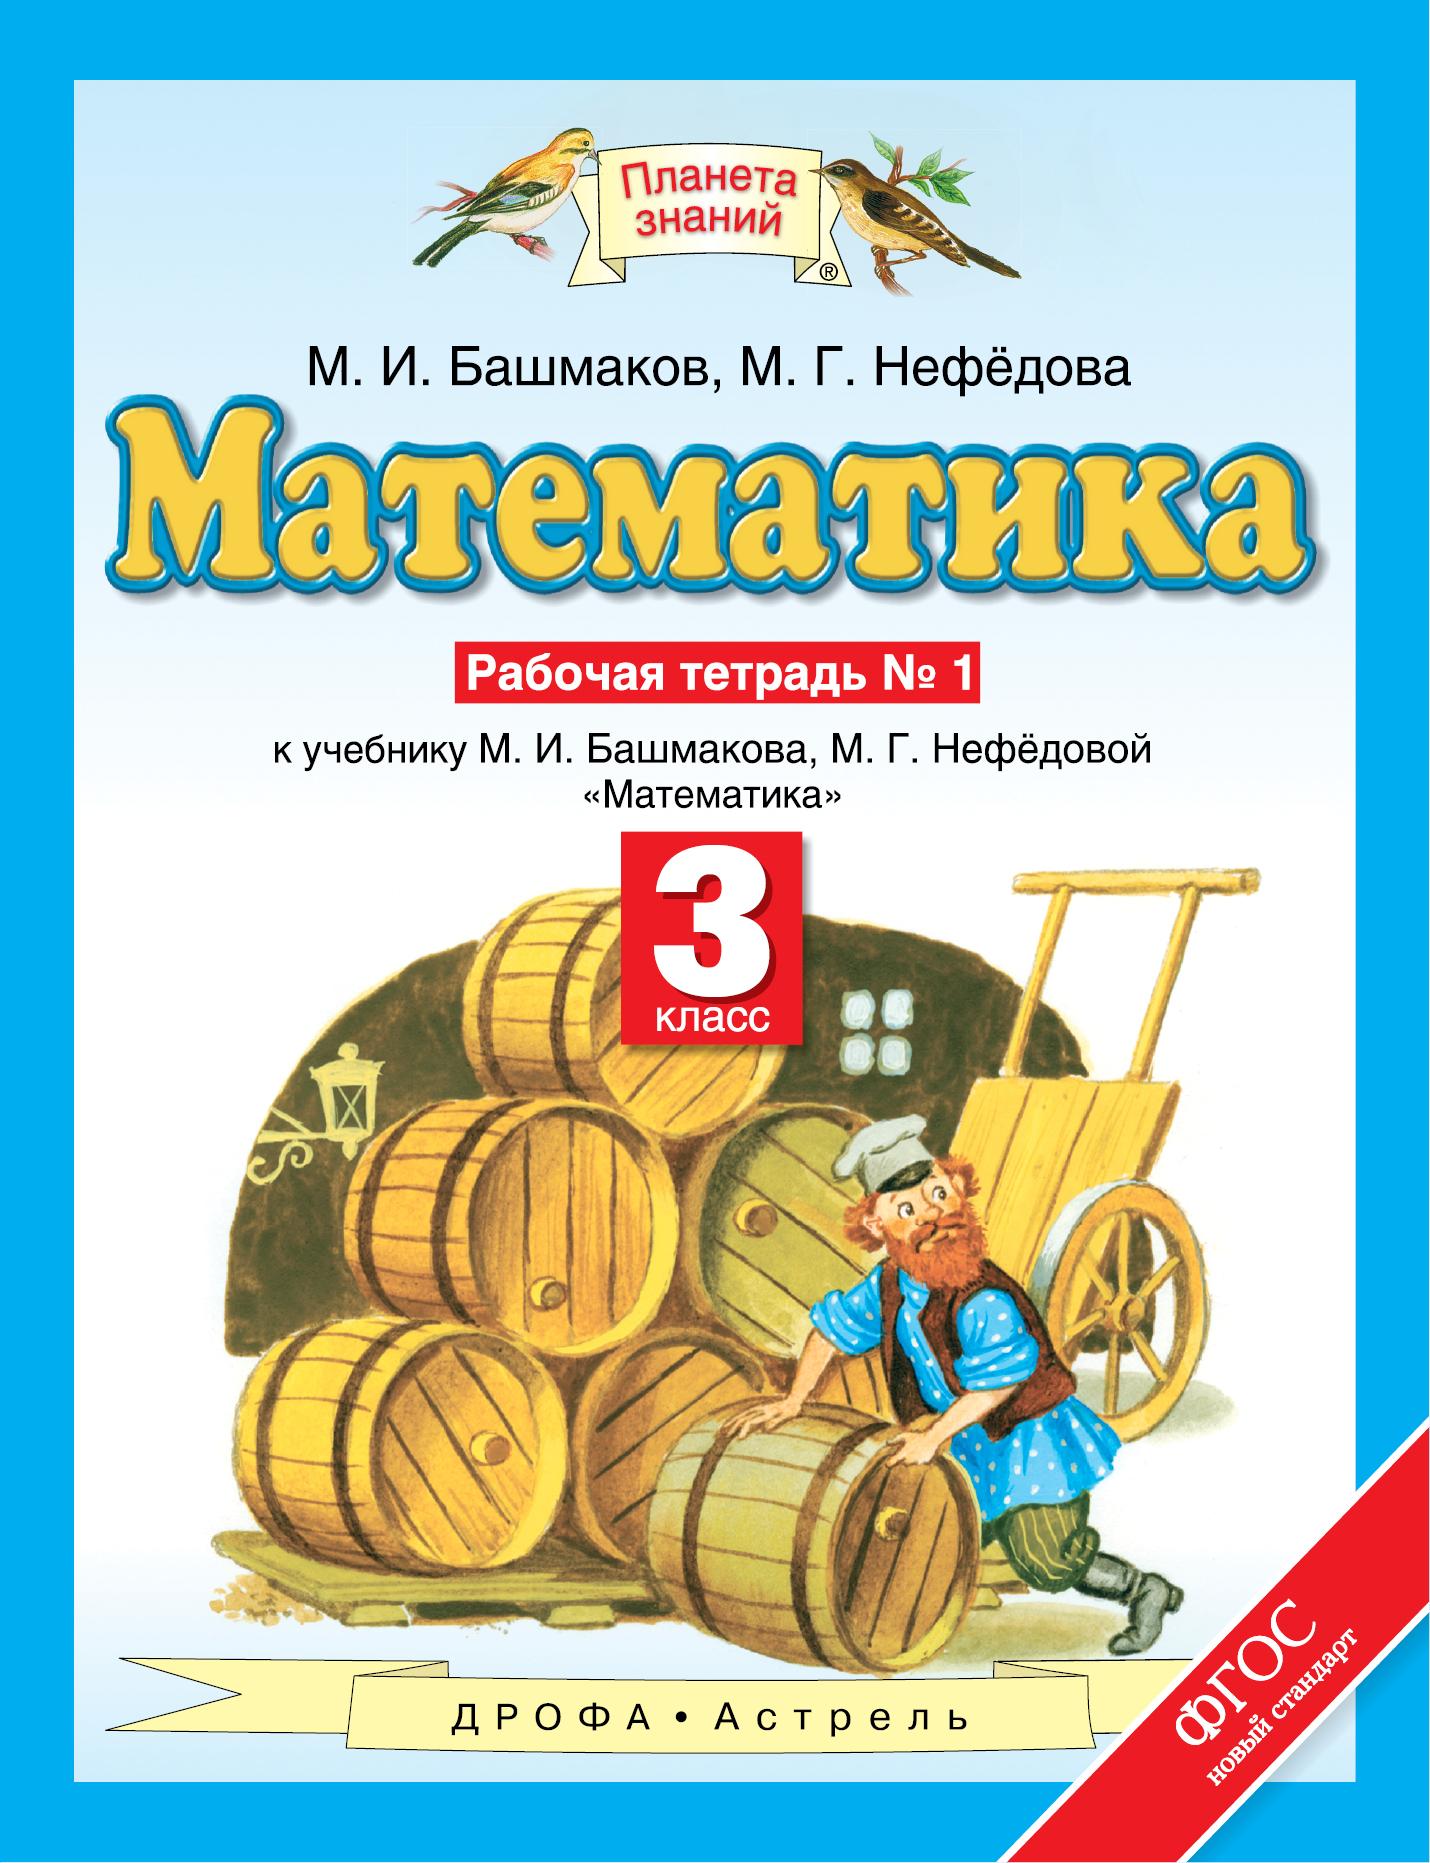 Башмаков М.И. Математика. 3 класс. Рабочая тетрадь №1. В 2 частях. Часть 1